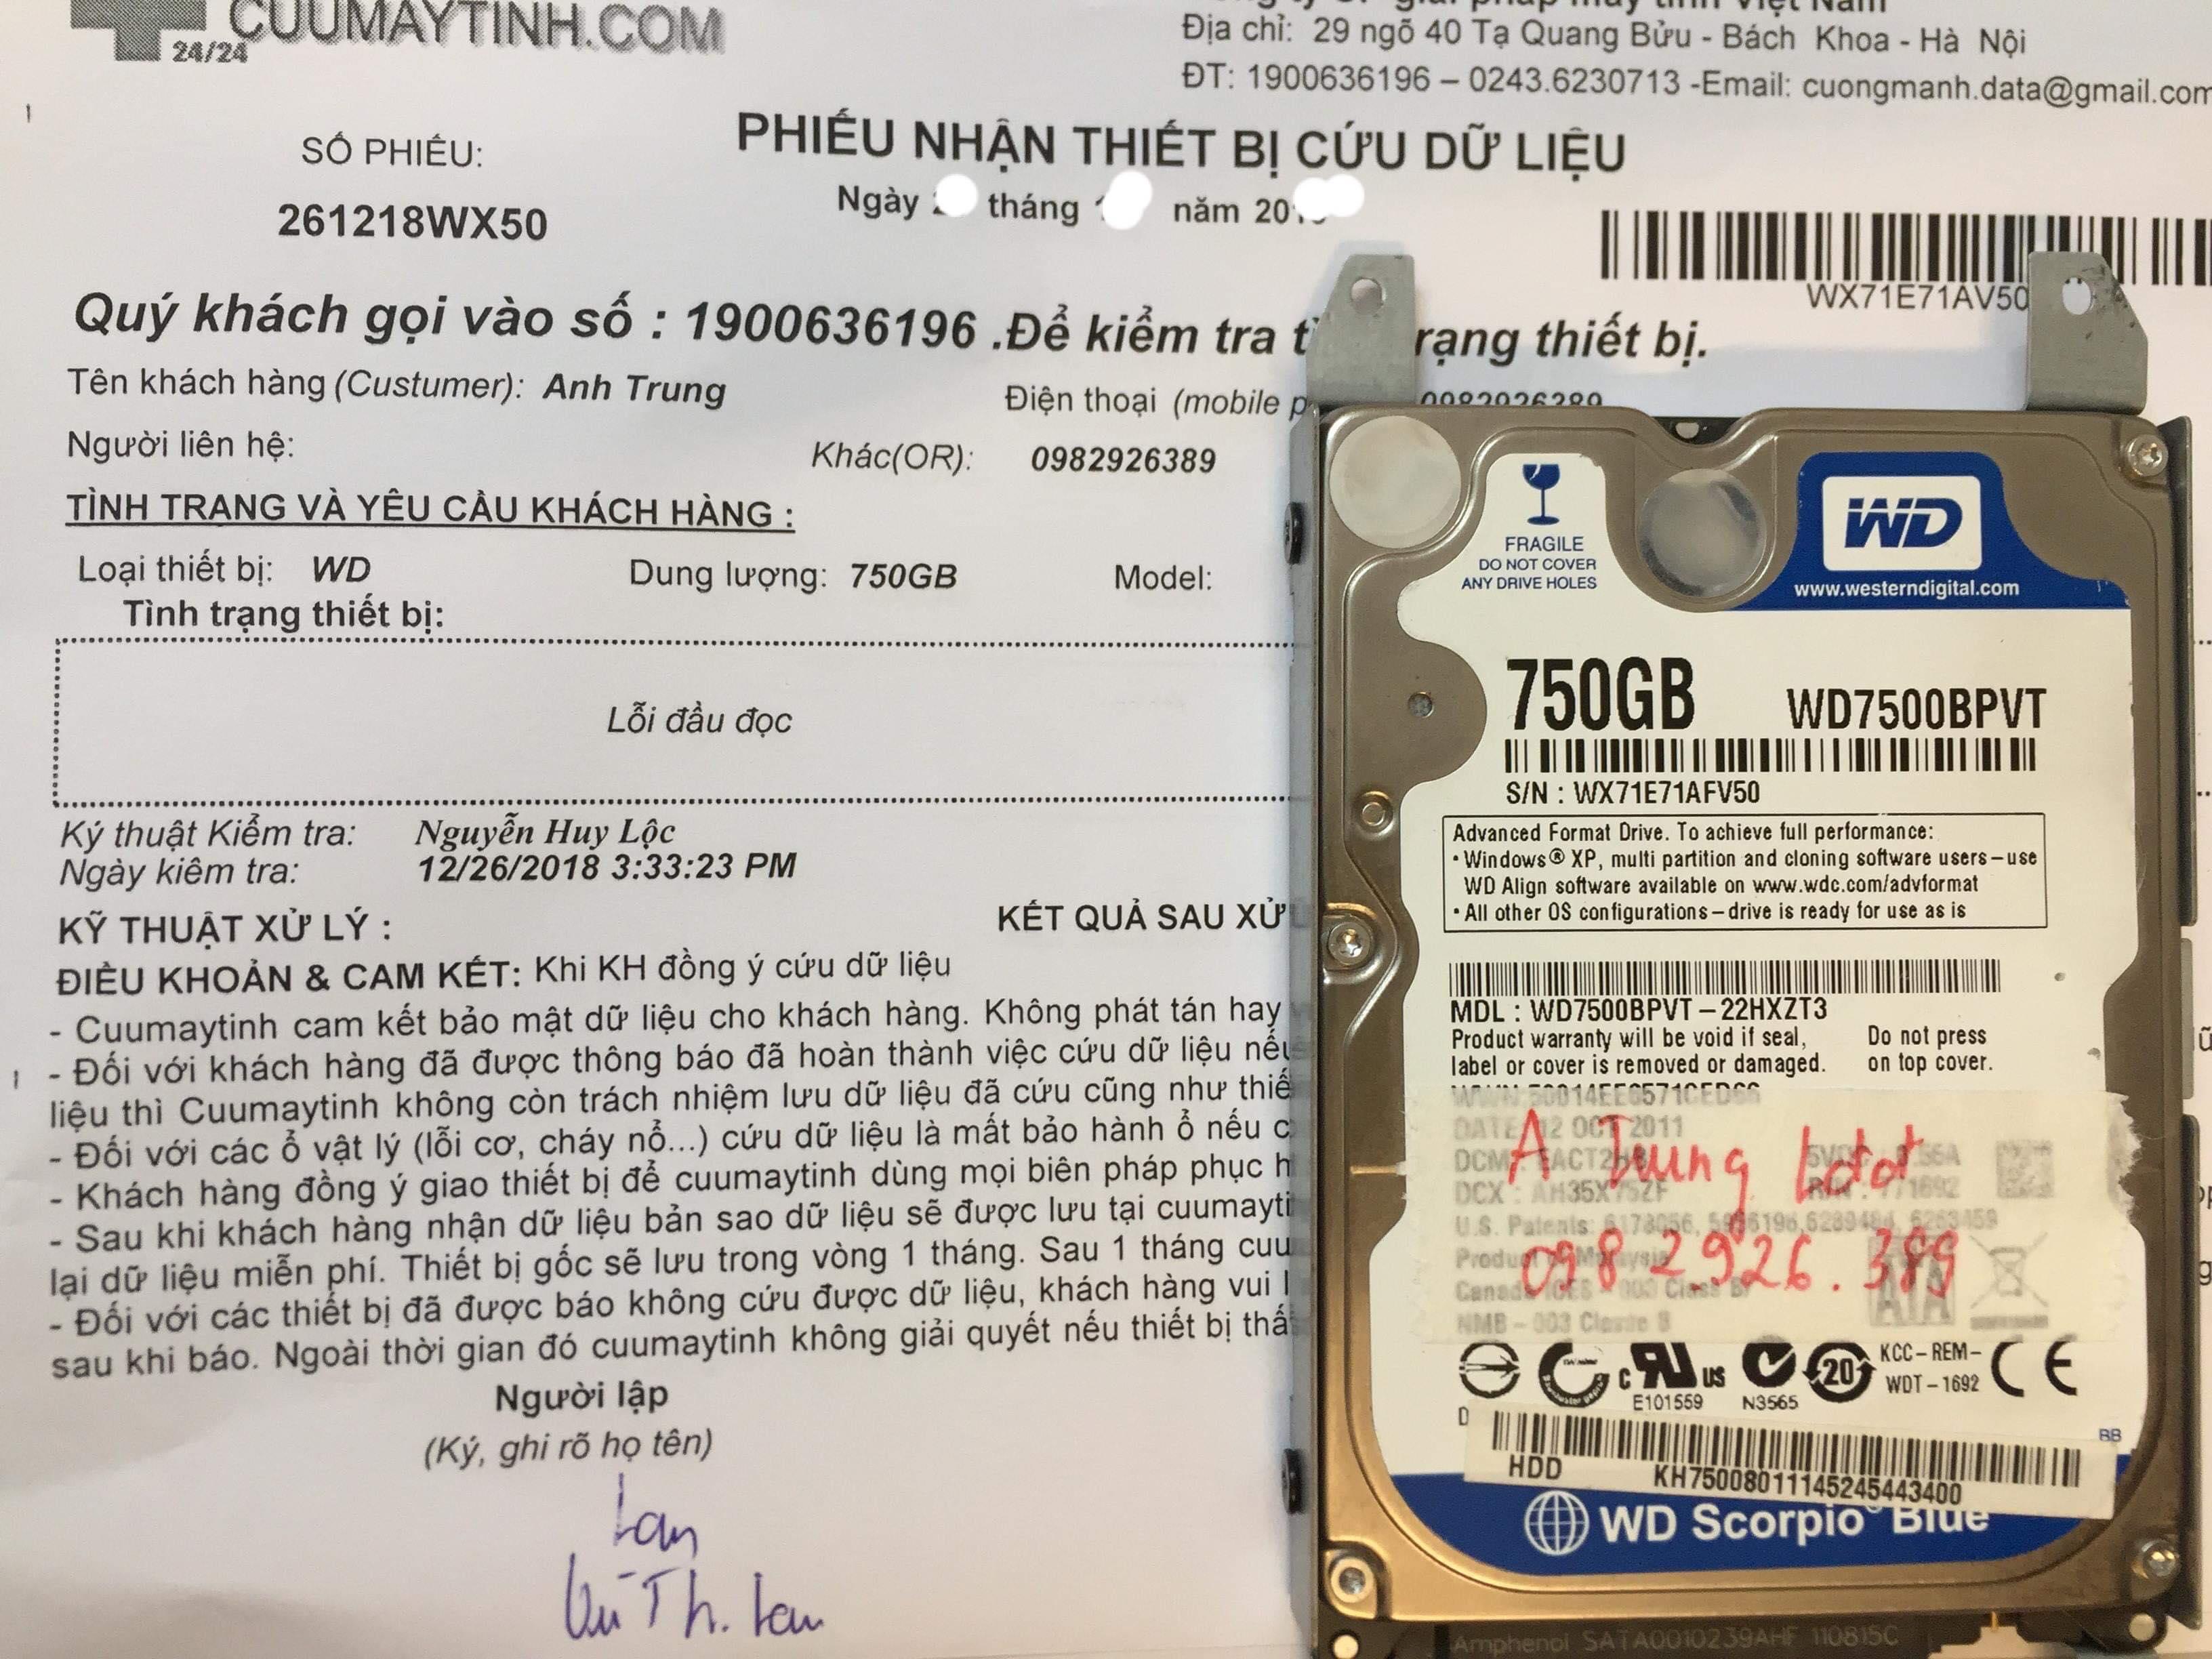 Khôi phục dữ liệu ổ cứng Western 750GB lỗi đầu đọc 21/01/2019 - cuumaytinh